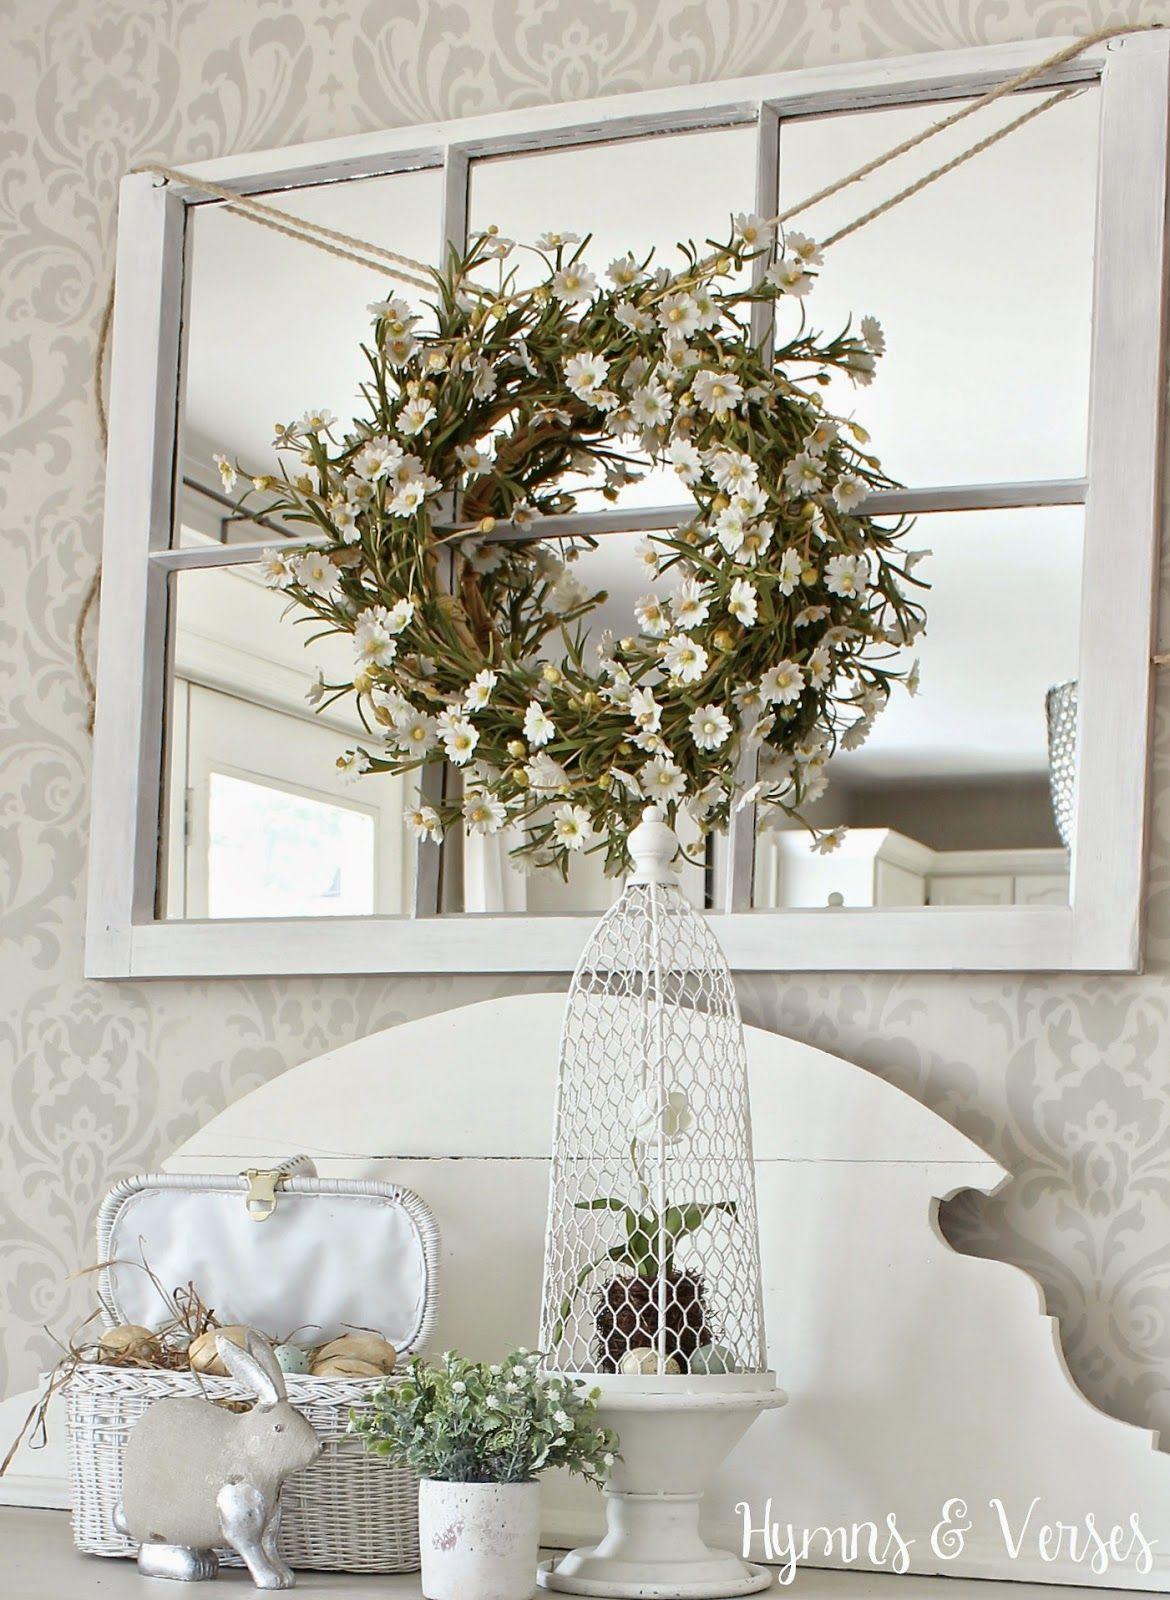 Cottage Style Spring Vignette Window Mirror Decor Window Mirror Window Pane Decor